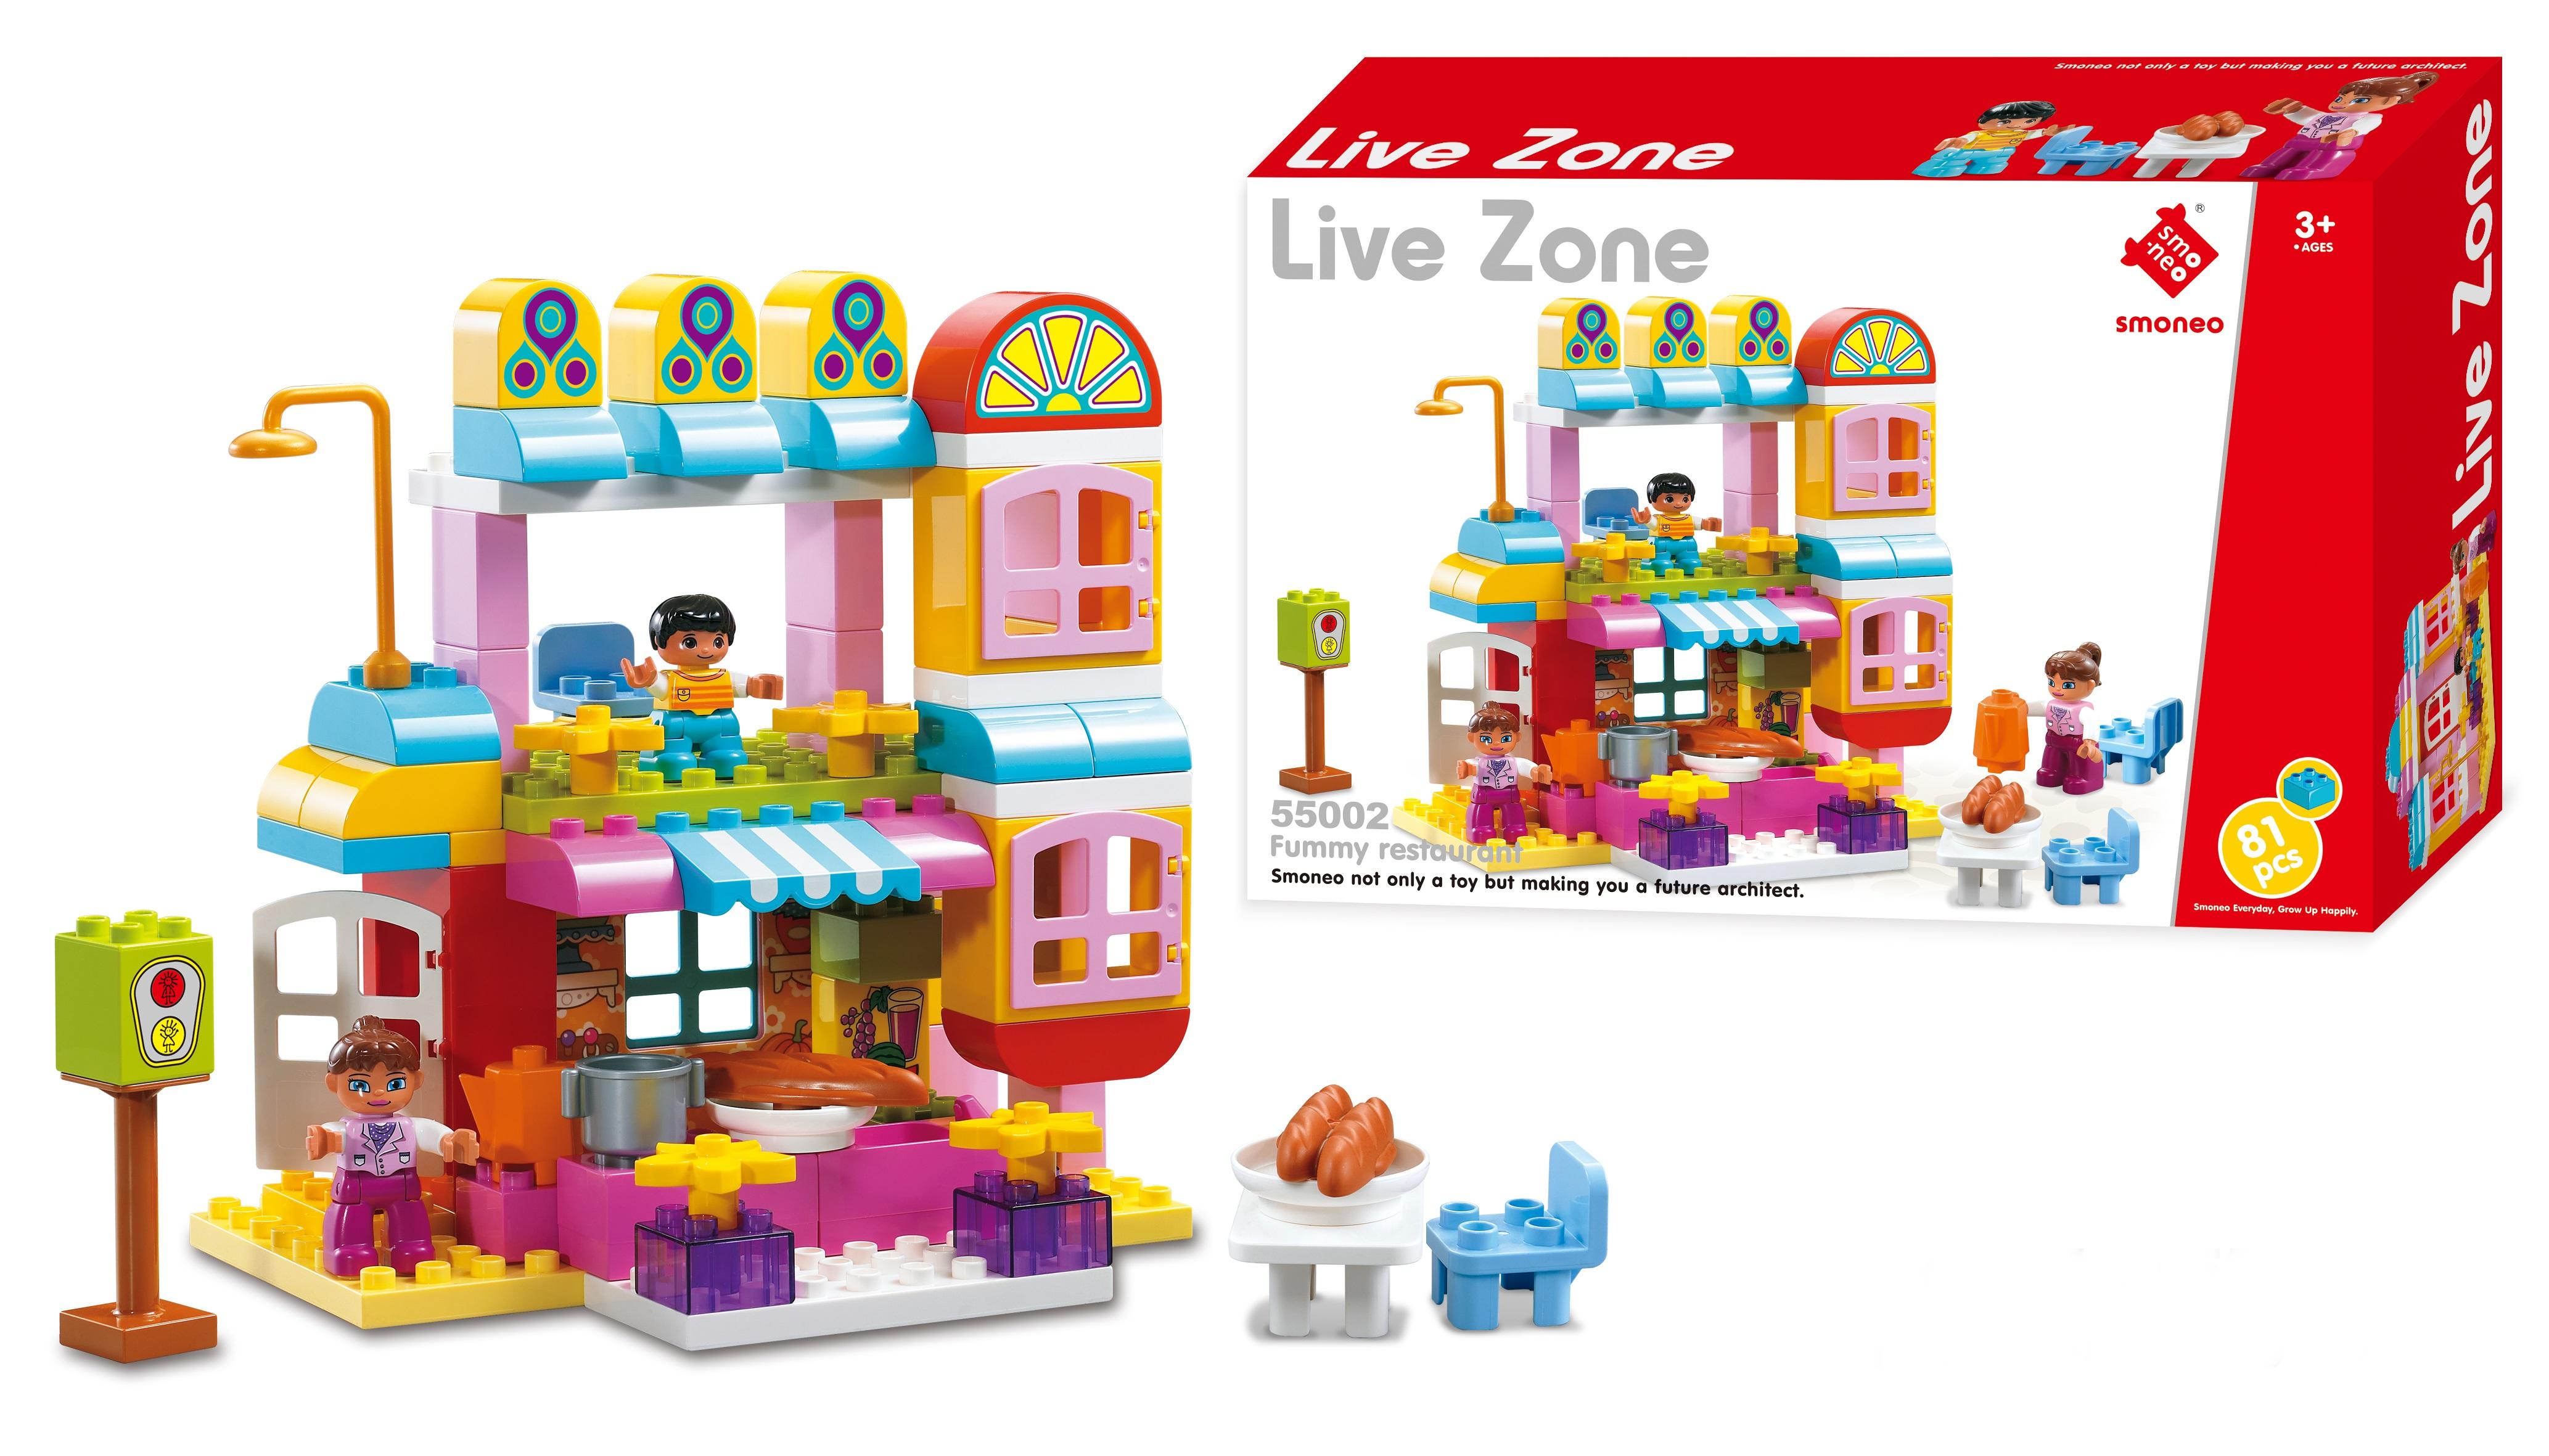 Bộ đồ chơi lắp ghép nhà hàng vui vẻ 81 chi tiết Toys House 55002